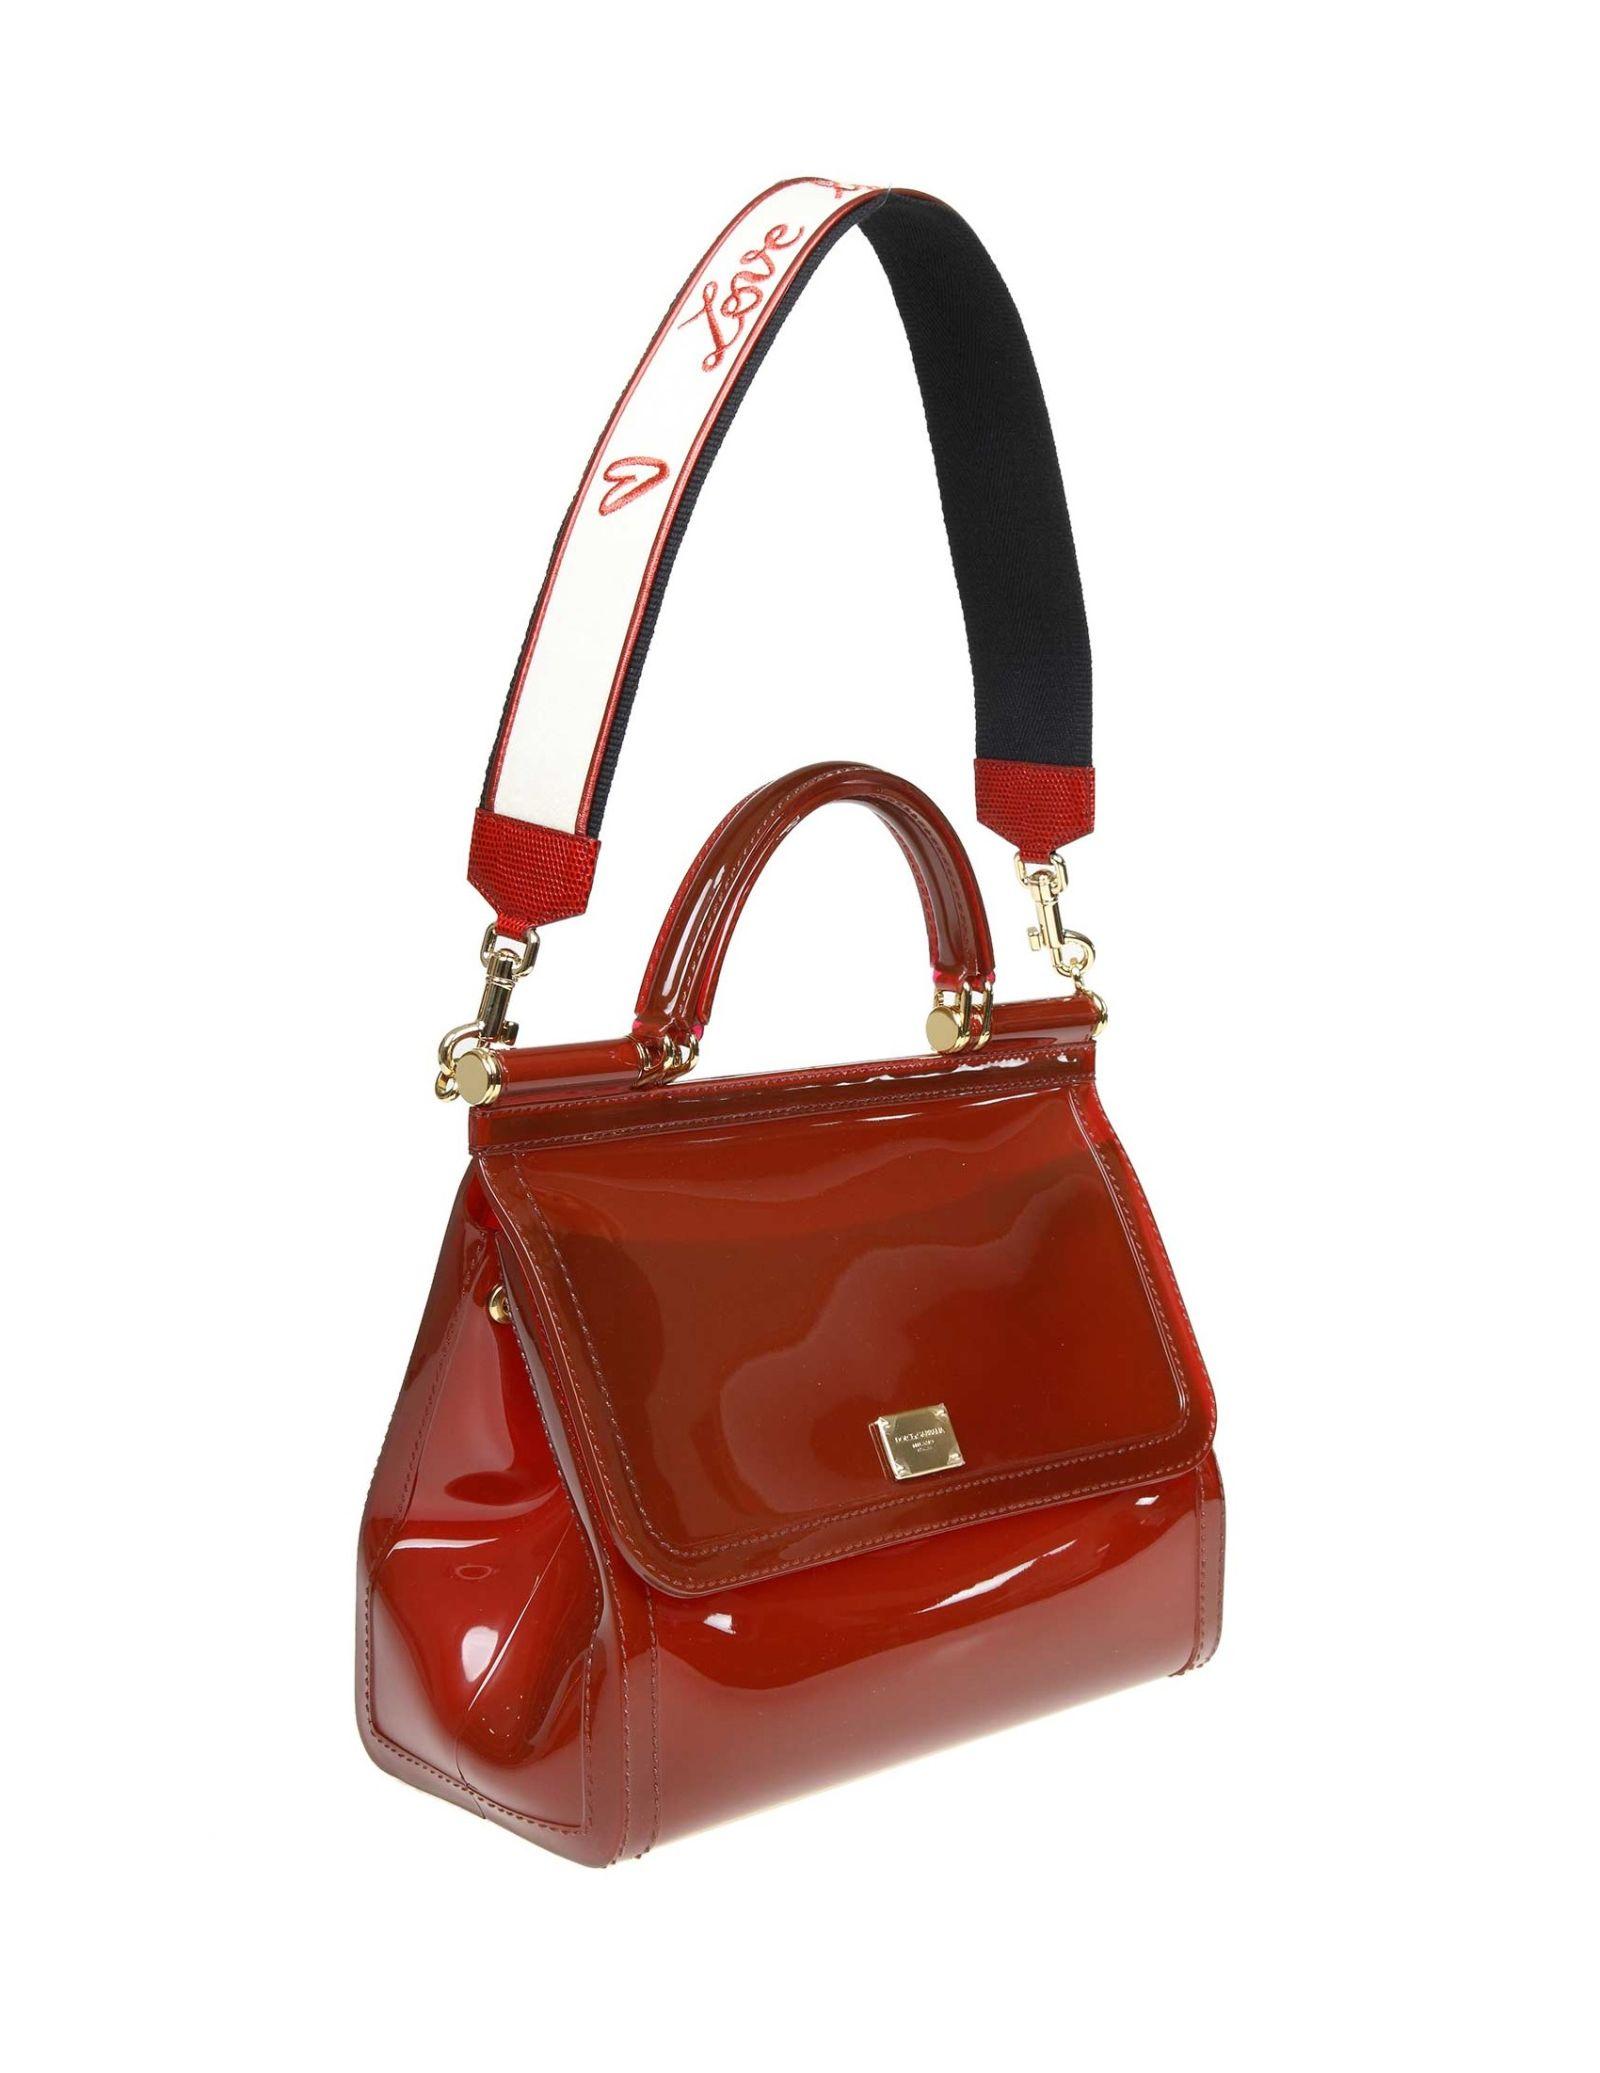 02f894d810d6 ... Dolce   Gabbana Sicily Hand Bag In Rubber Color Bordeaux - BORDEAUX ...